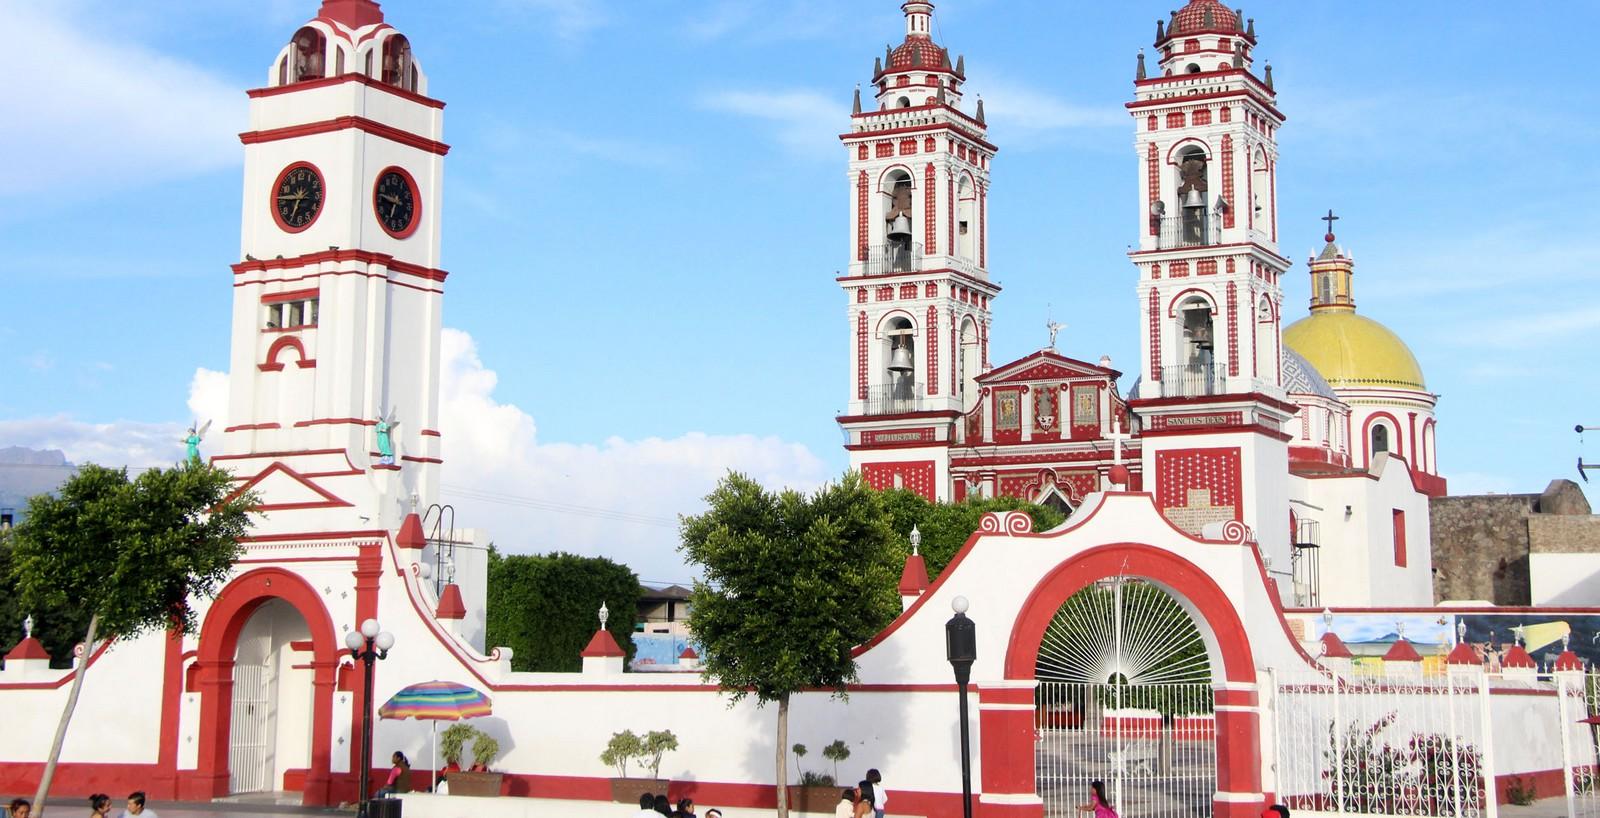 Apariciones de San Miguel Arcángel en el Milagro de Tlaxcala, Mexico (25 abr, 8 may, 29 sep)